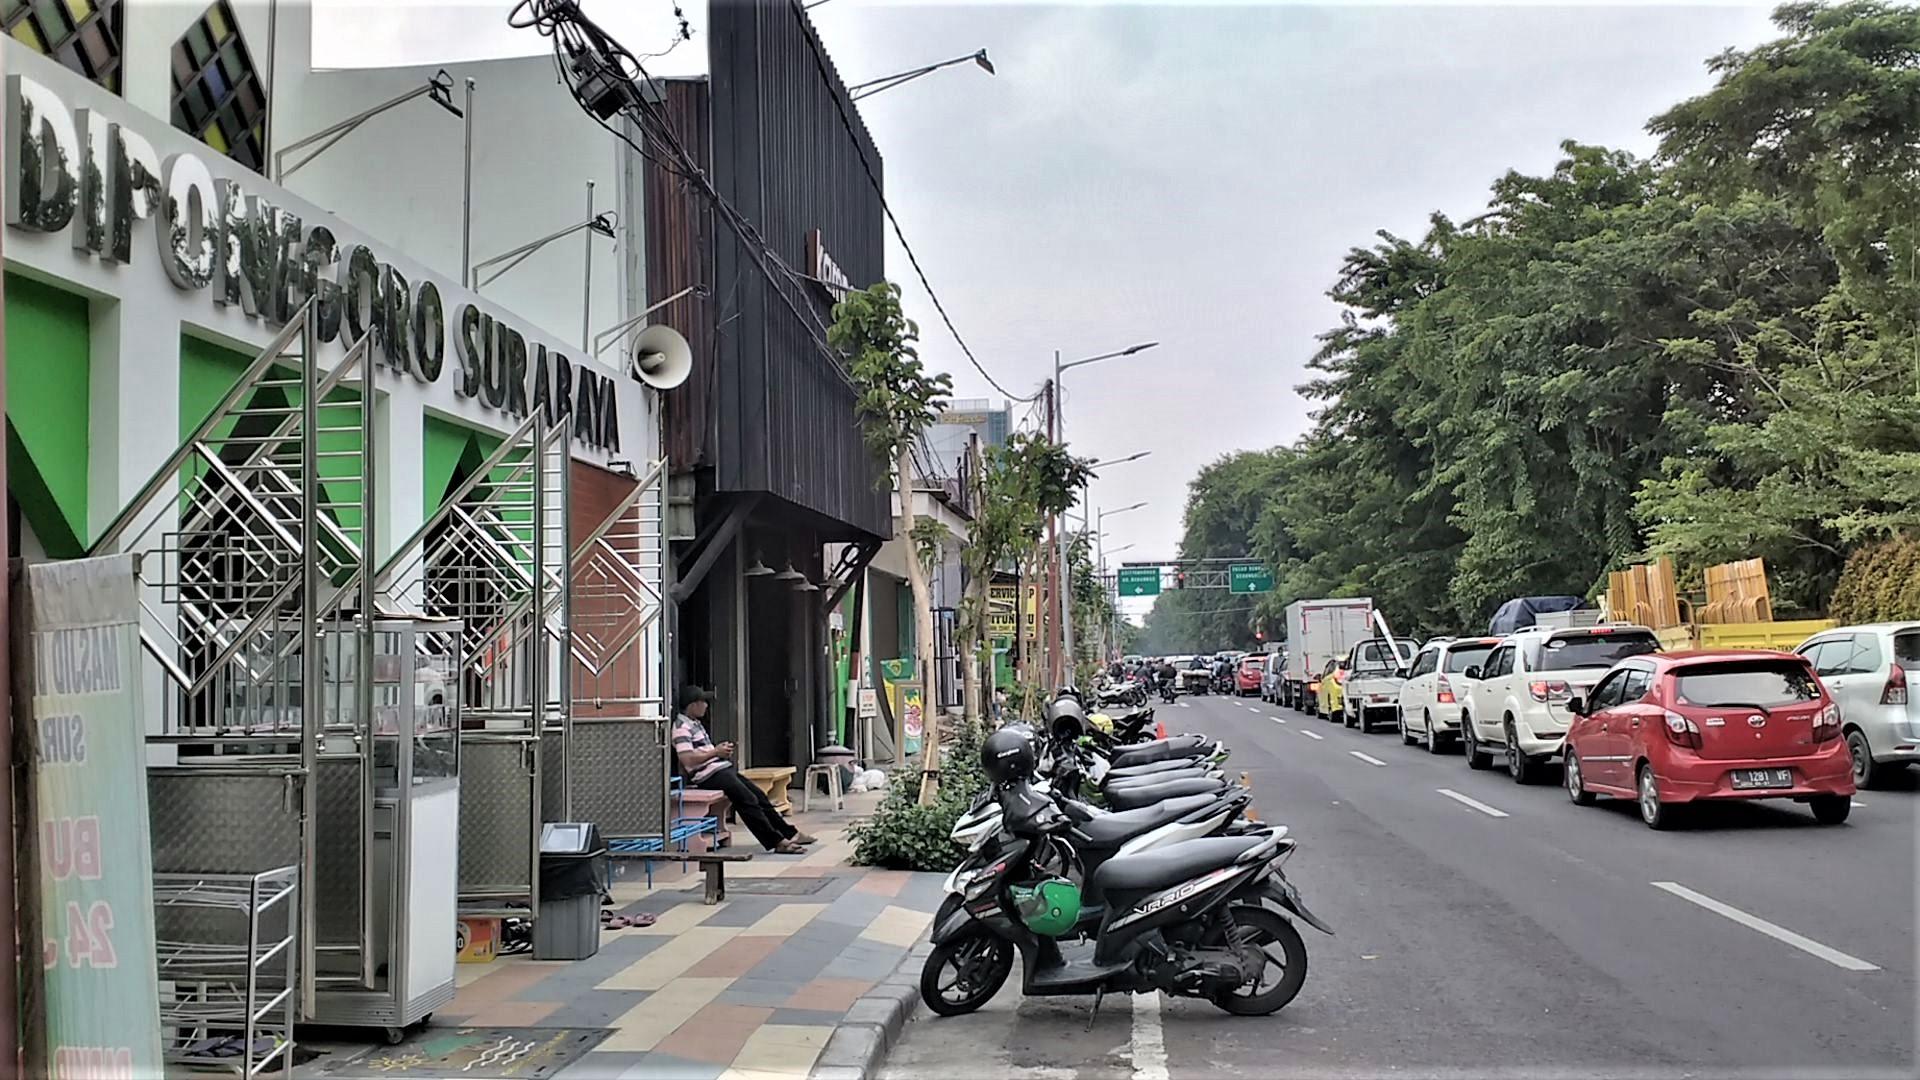 Parkir motor di pinggir Jalan Diponegoro. Foto: dok. pribadi